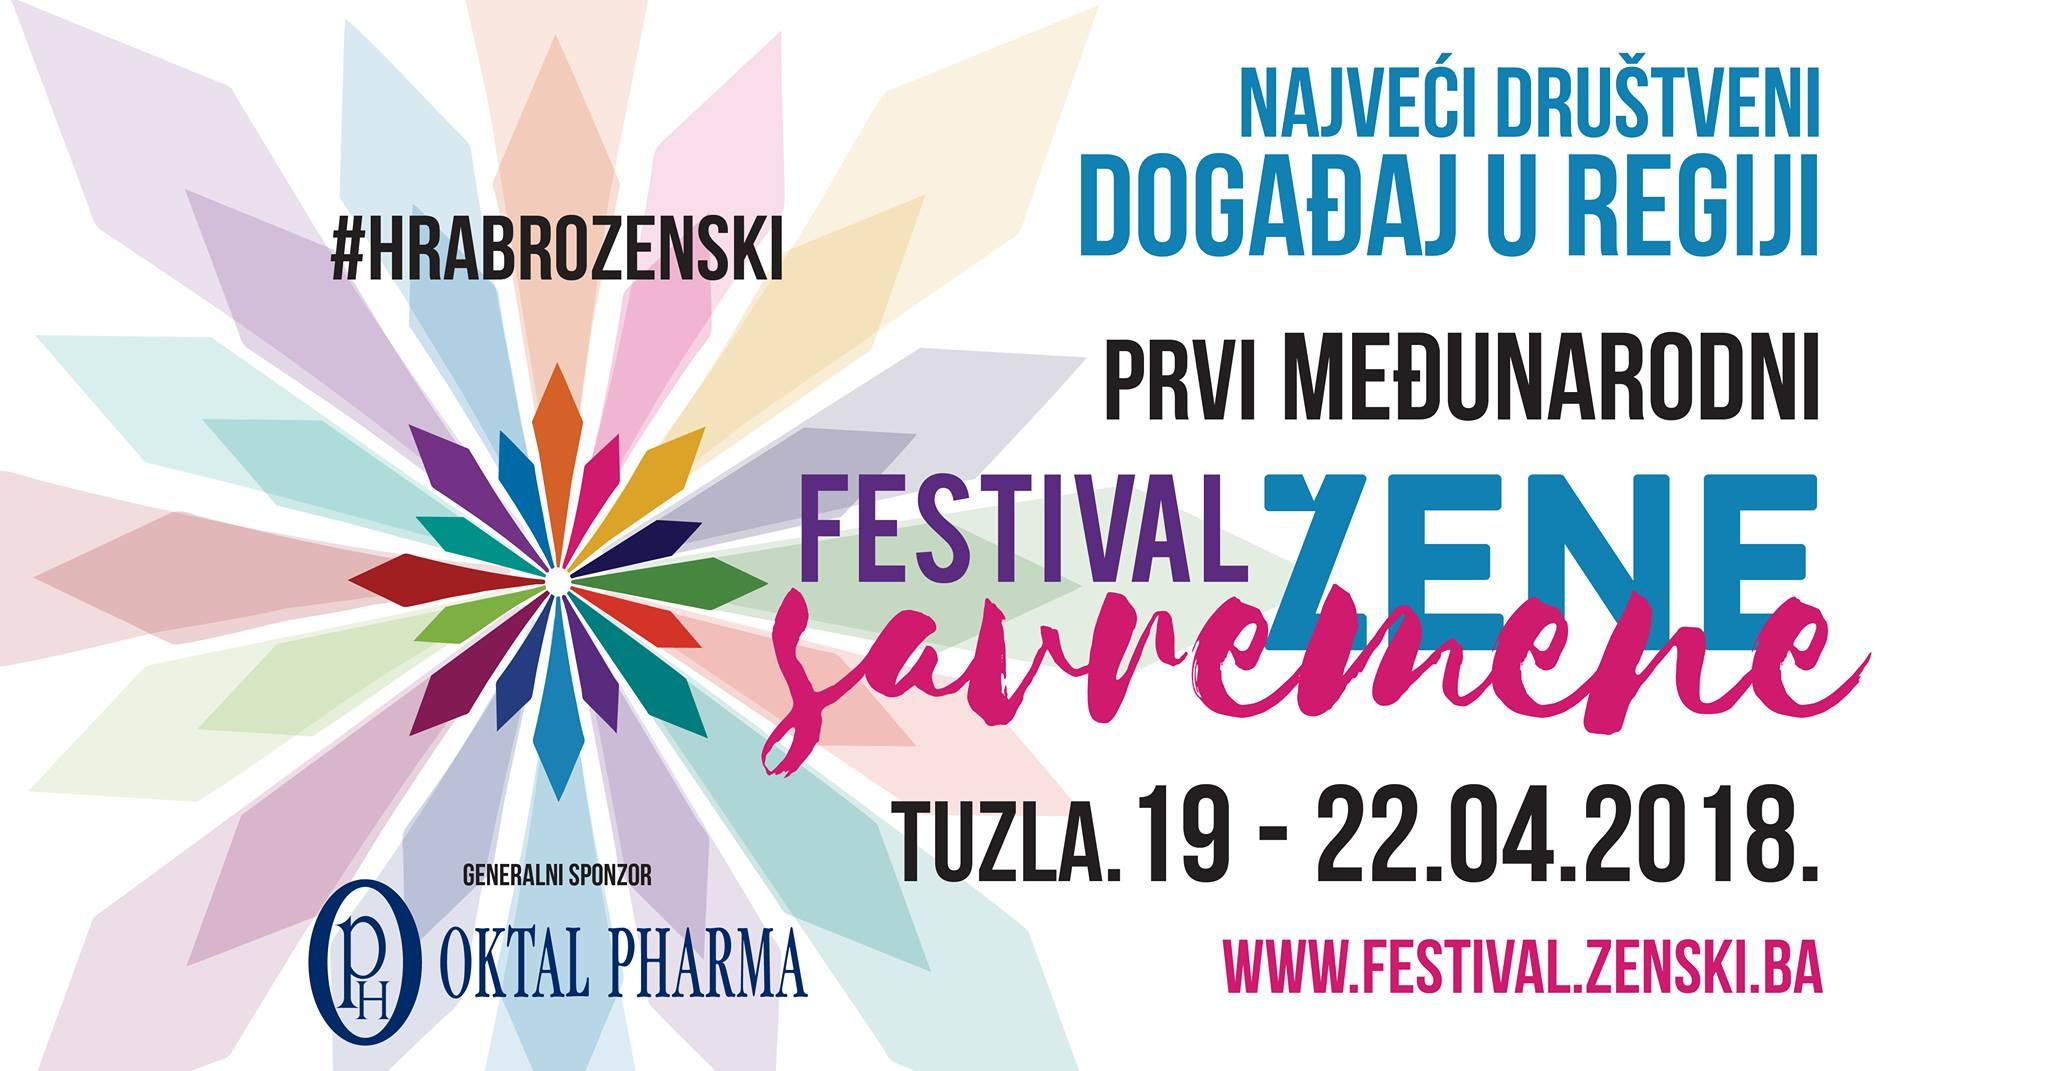 Medjunarodni festival savremene žene u Tuzli od 19. do 22. aprila